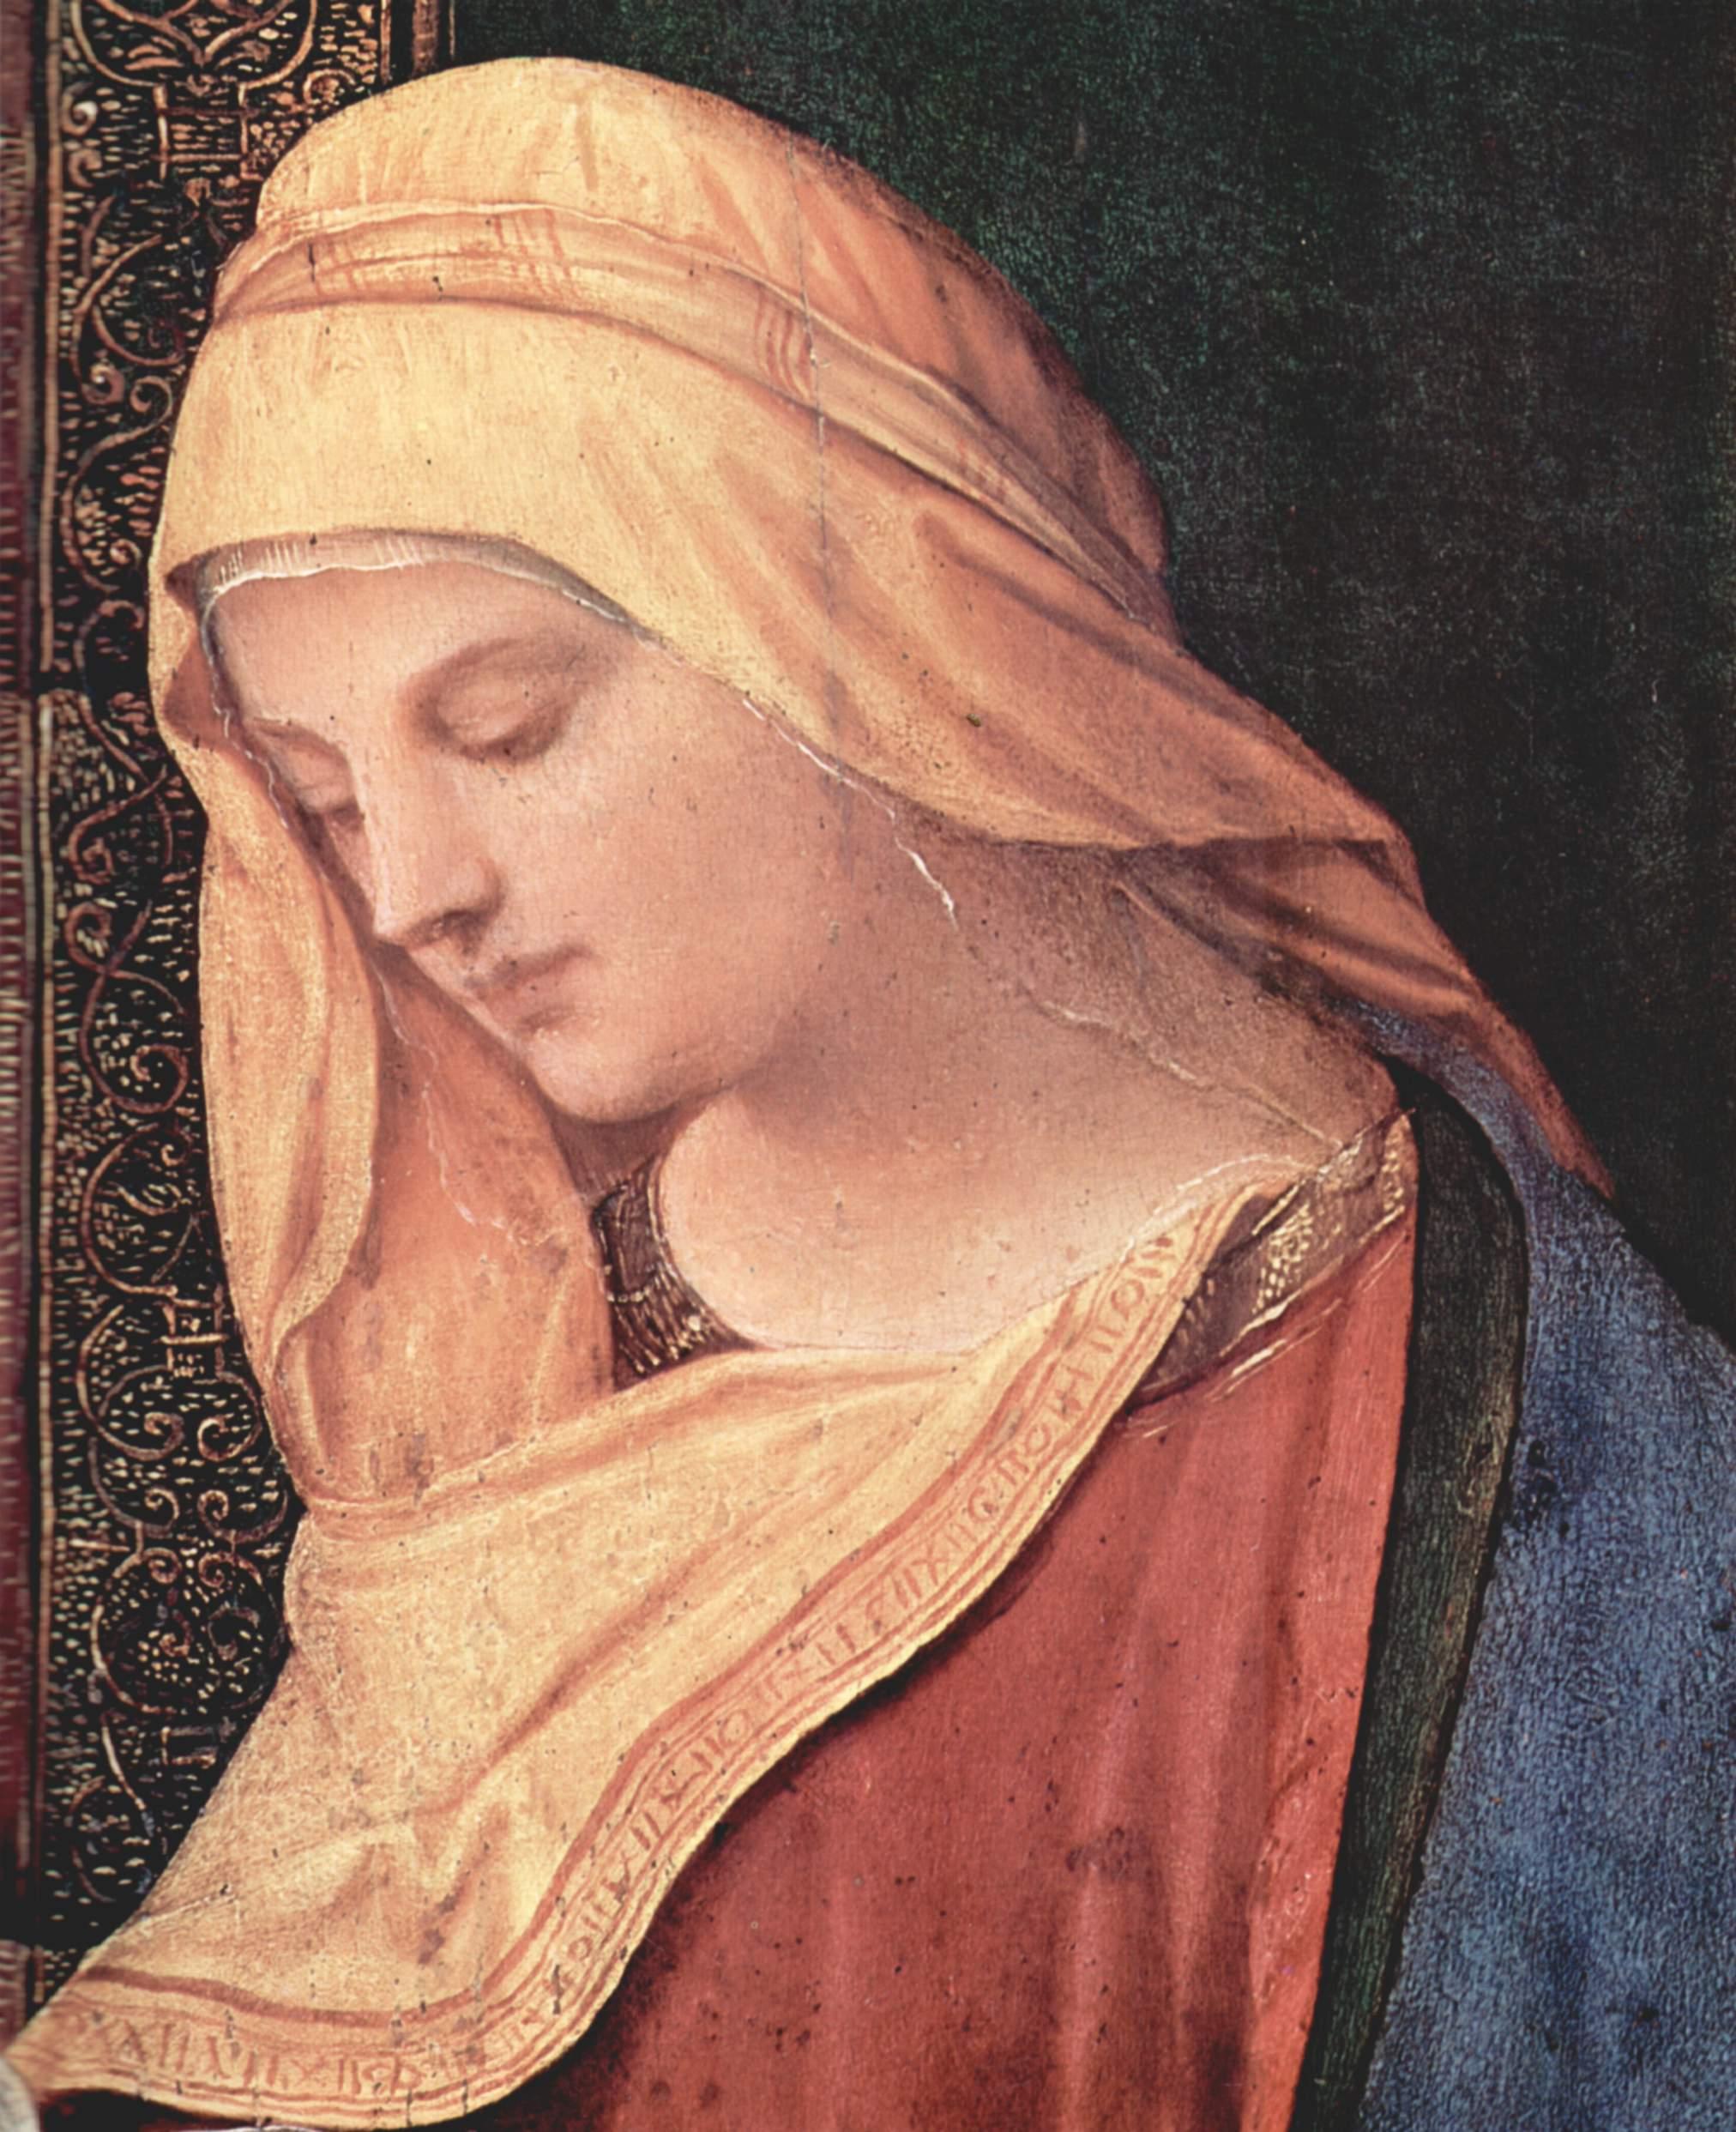 Wer fickt besser? Dick oder dünn?,Furzende Frauen,Warum enge Muschis furzen,Priester entjungern,Poesie der Fotze